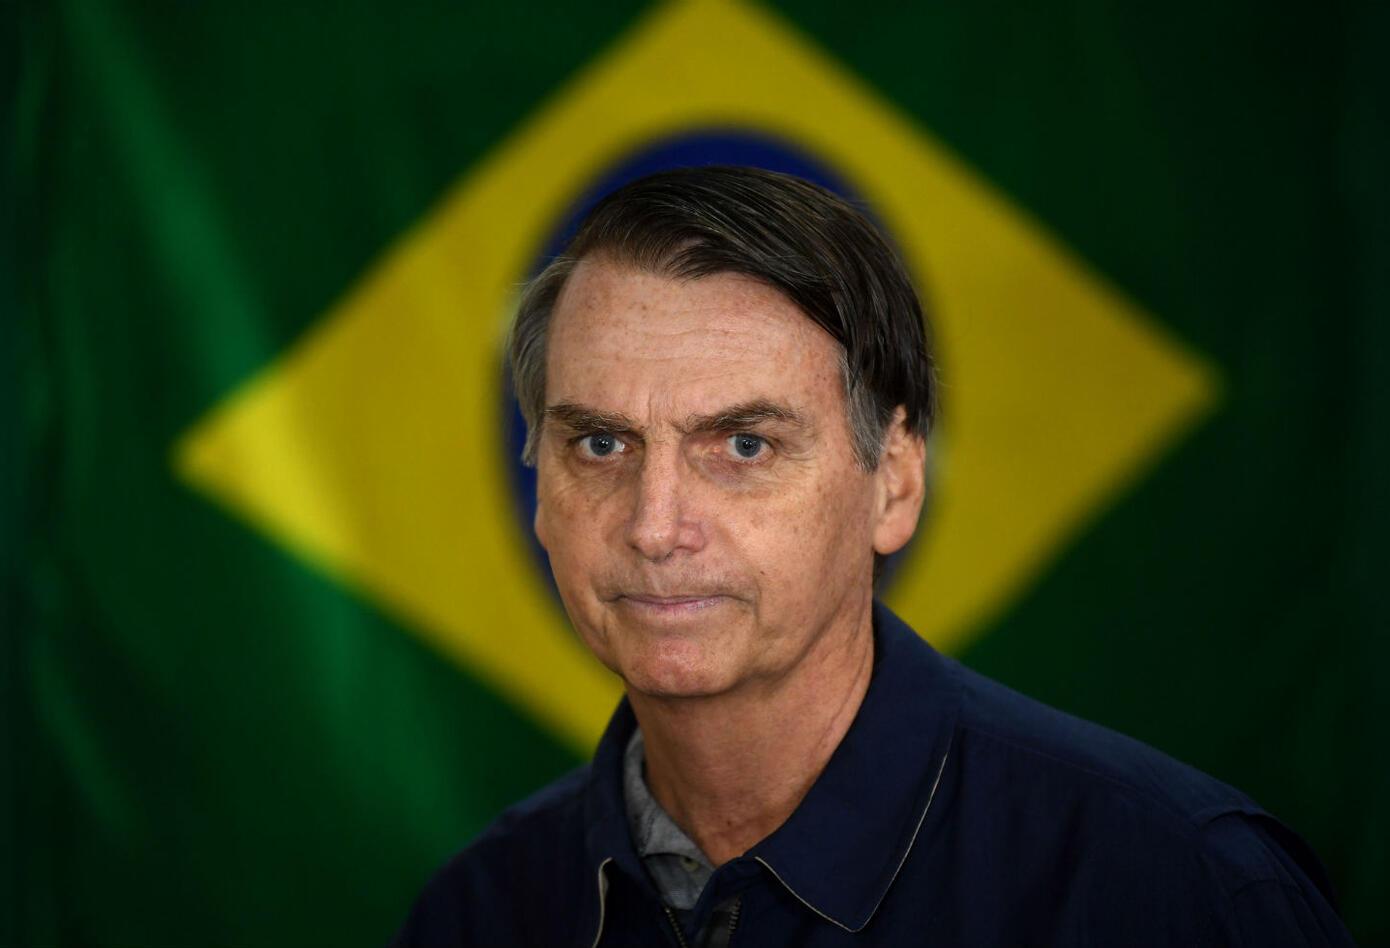 """Días atrás, en un encendido discurso, dio su """"pésame"""" a la """"prensa vendida"""", agradeció a sus seguidores porque """"están salvando nuestra patria"""" y dijo que el encarcelado expresidente Luiz Inácio Lula da Silva """"va a pudrirse en prisión""""."""